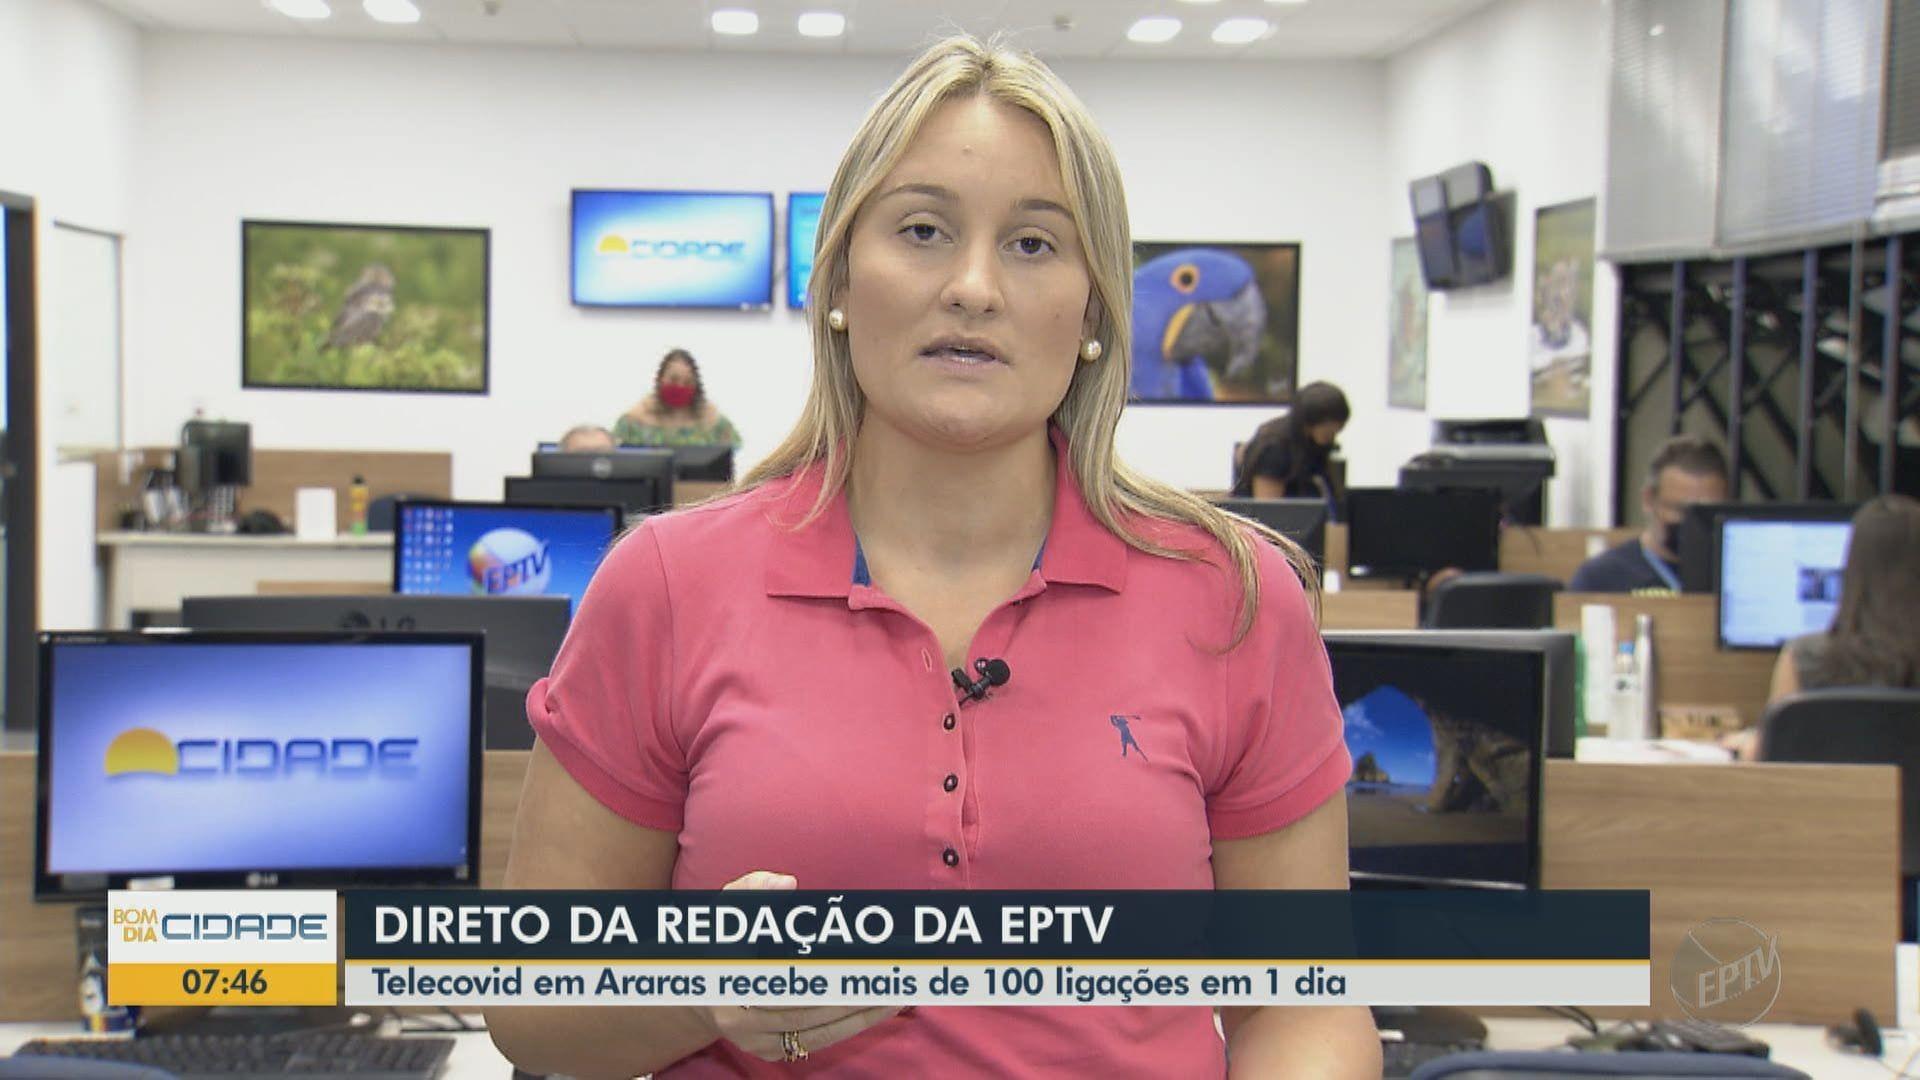 VÍDEOS: Reveja as reportagens do Bom Dia Cidade desta terça-feira, 19 de janeiro de 2021